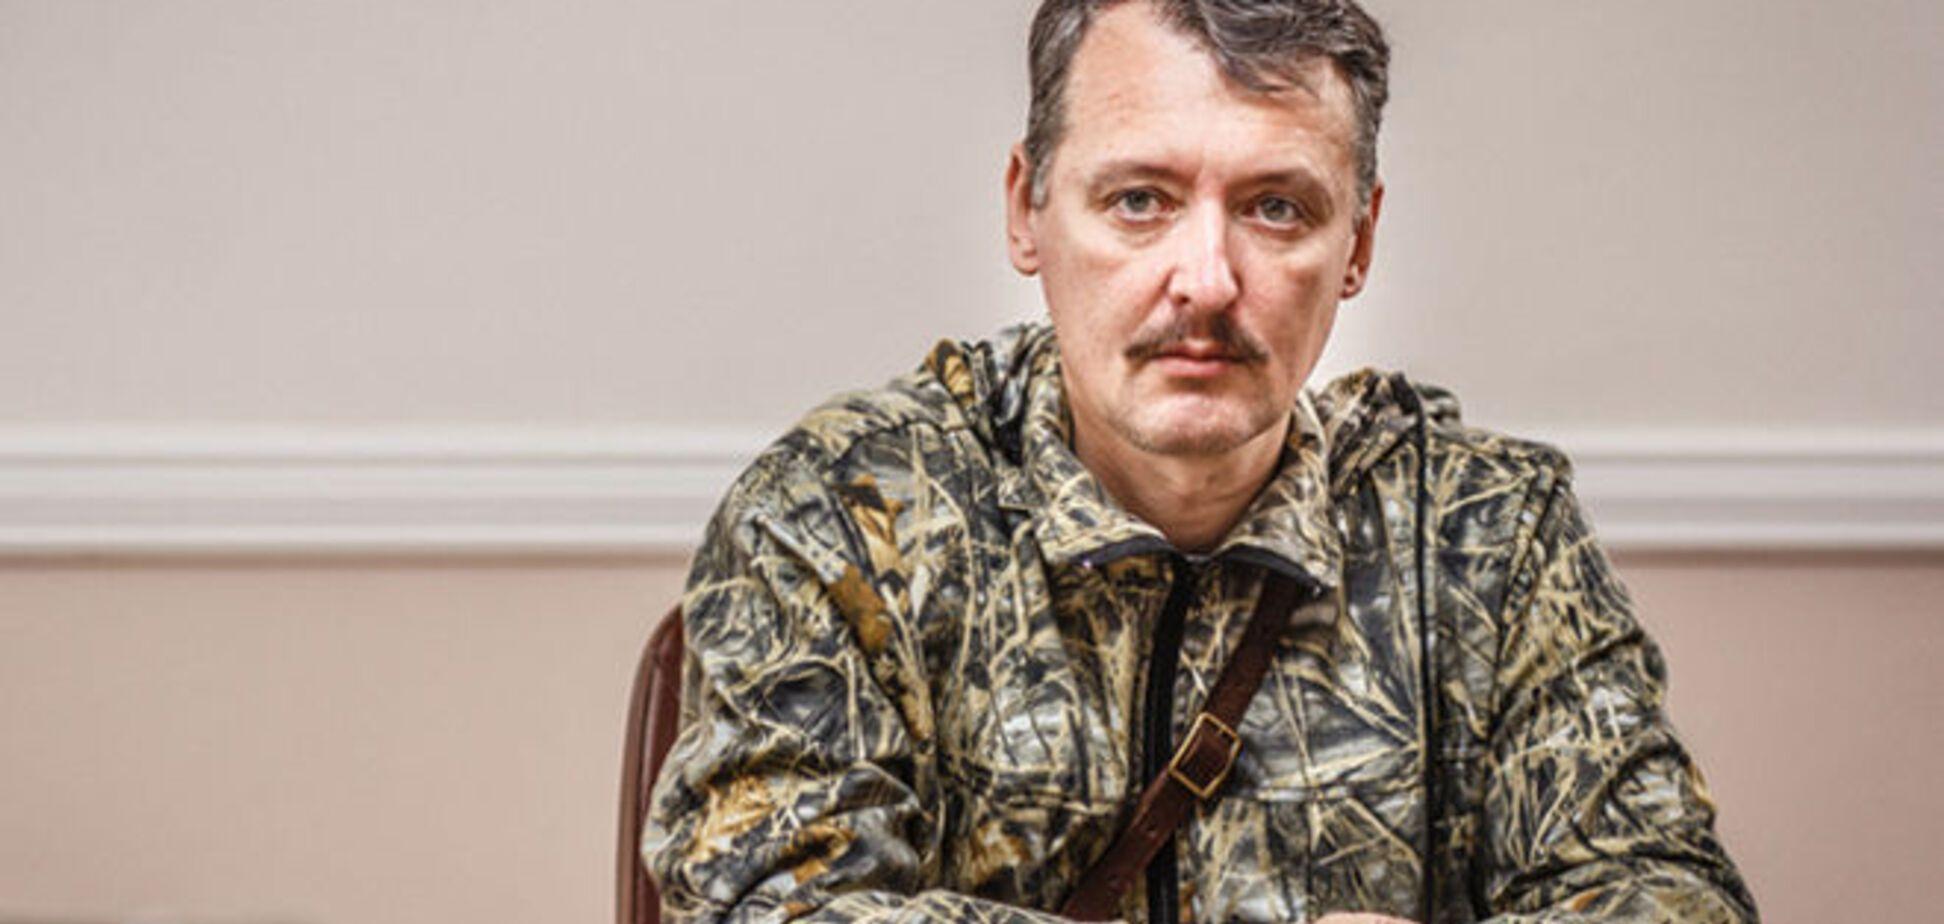 Стрелков едет в Одессу повторить опыт Славянска - замкомандира сектора С зоны АТО